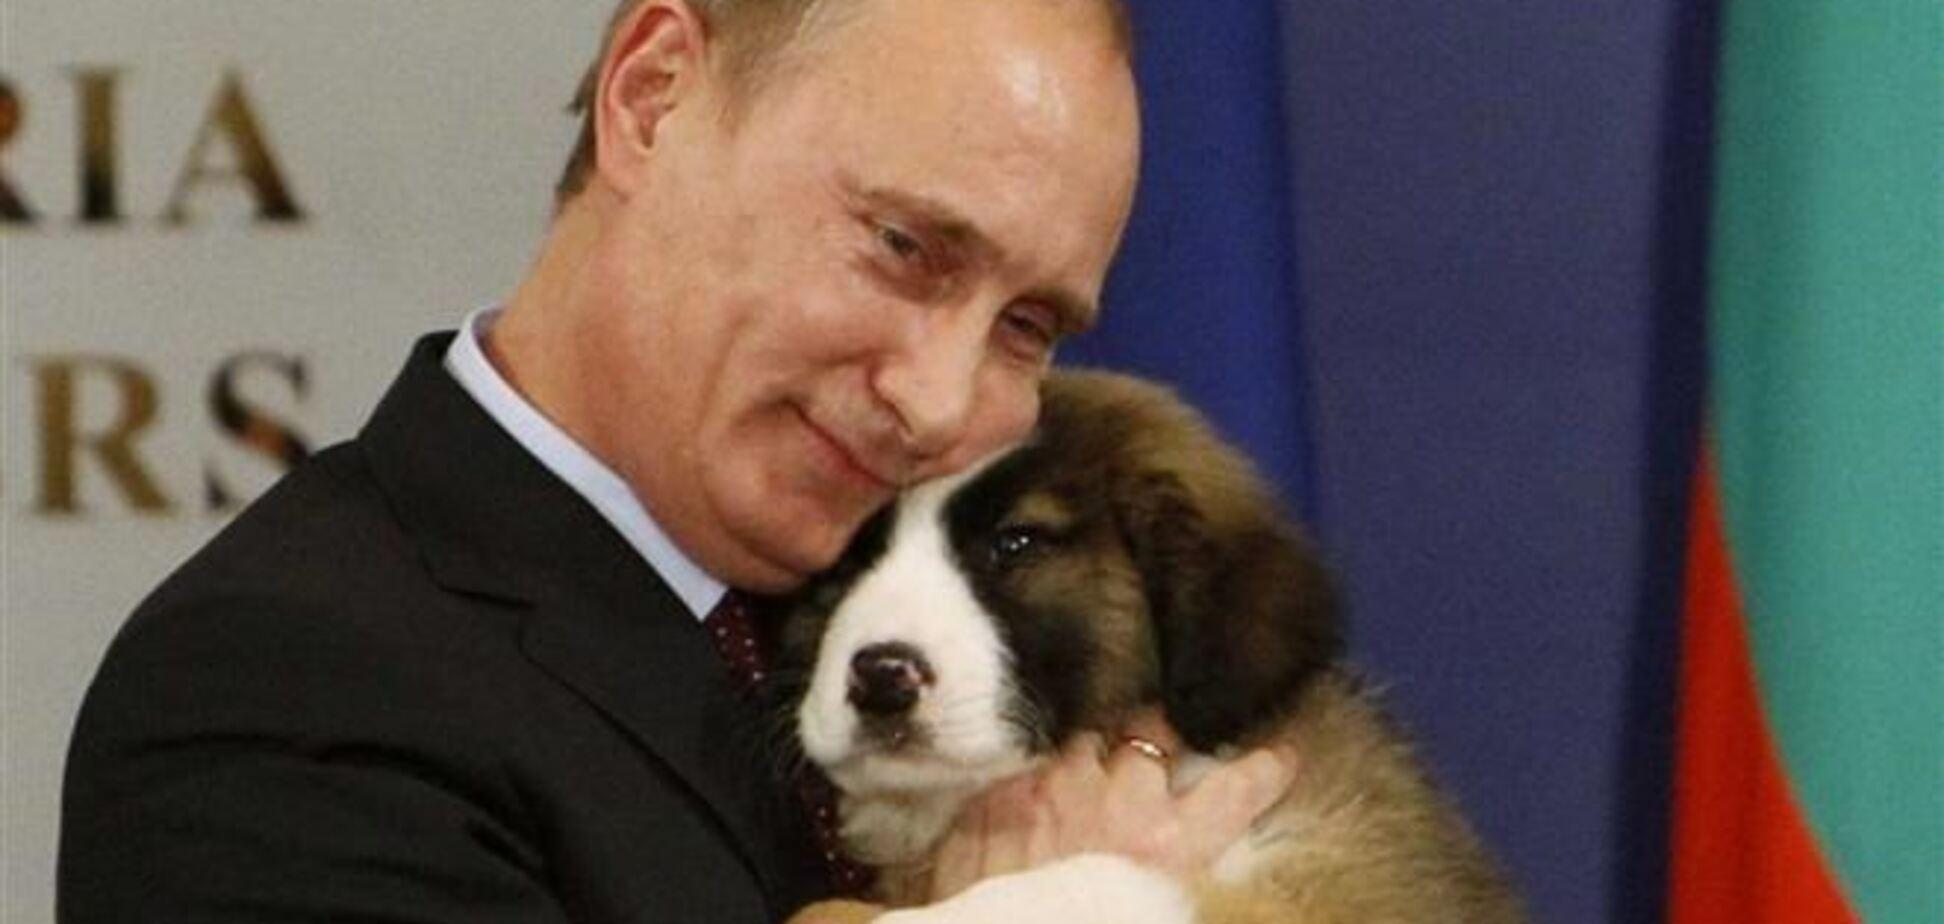 Путін хоче поліпшити відносини з Україною і відправляє гуманітарну допомогу до Криму